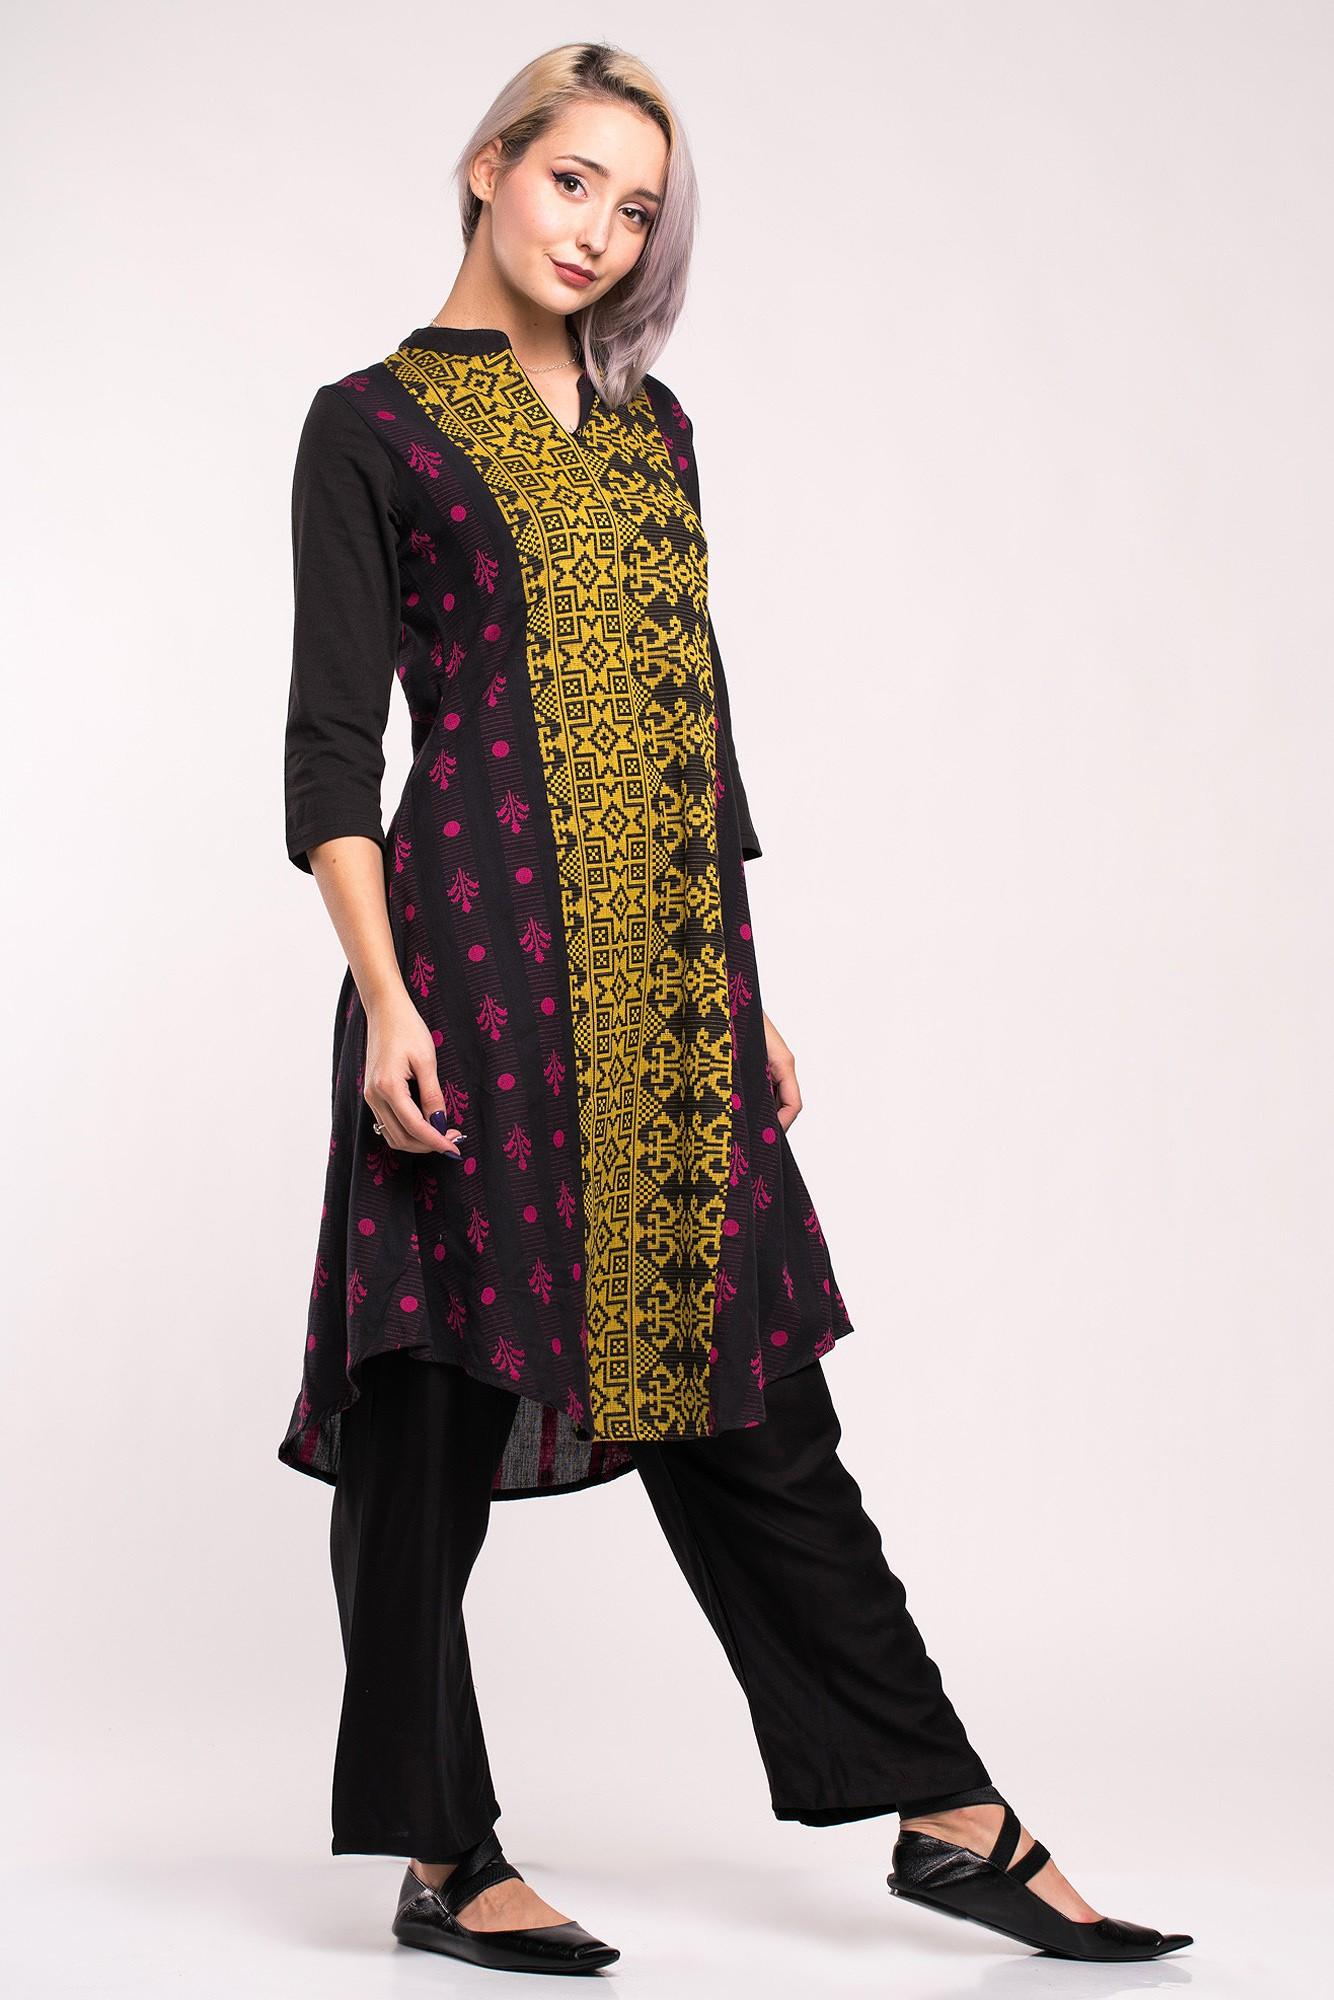 Costum traditional indian negru cu imprimeu etnic multicolor